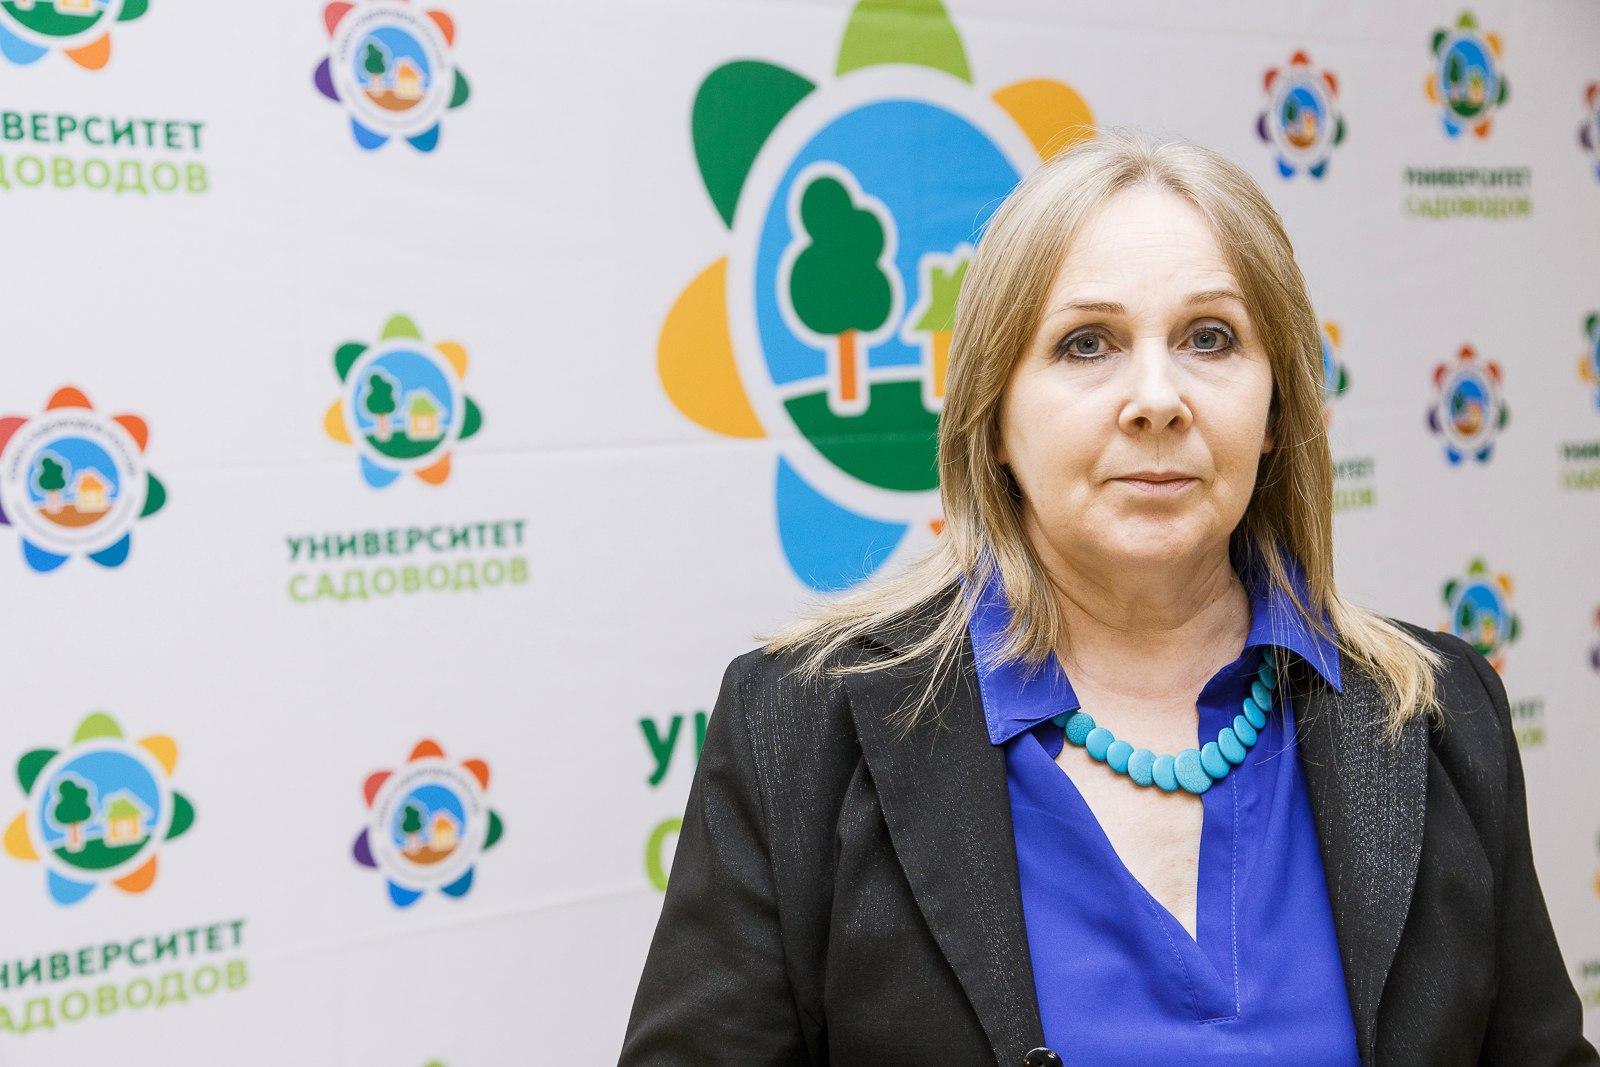 Старший преподаватель Университета садоводов Людмила Бурякова